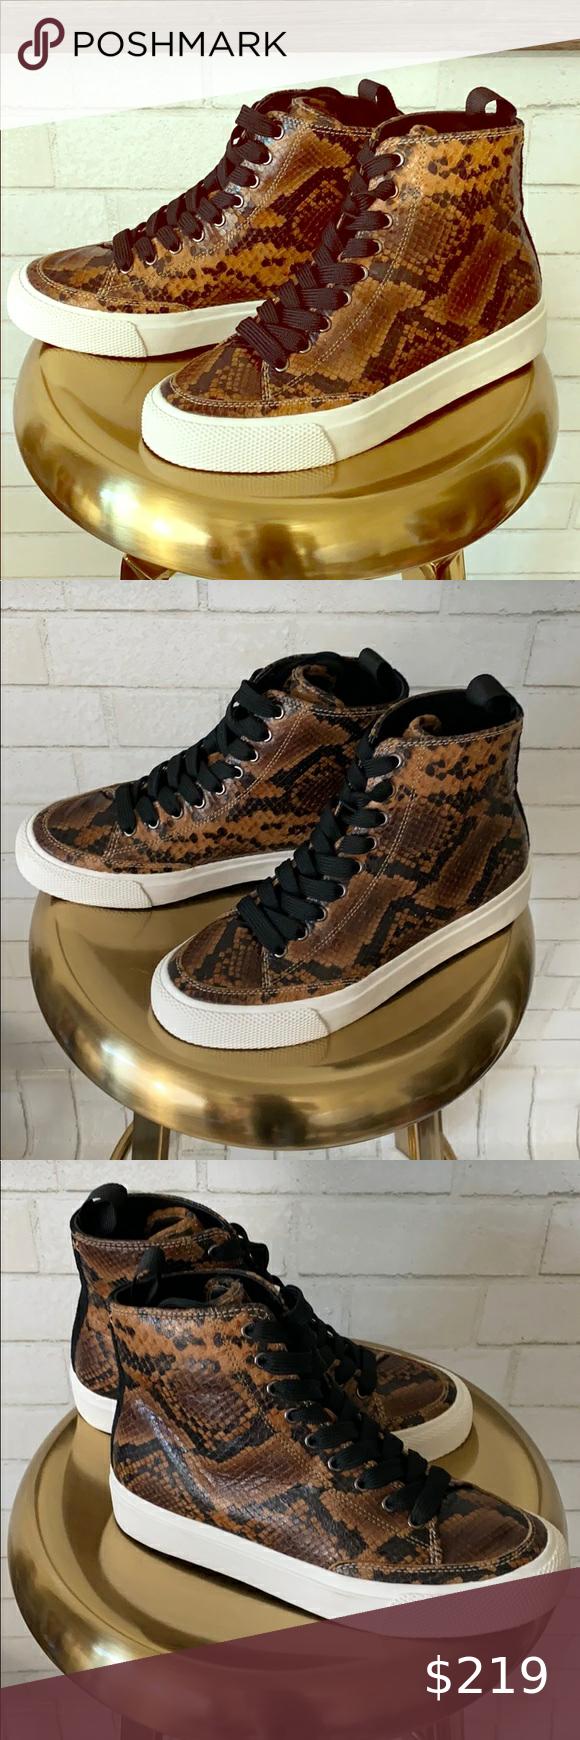 Bone High Tops   Snakeskin Sneakers